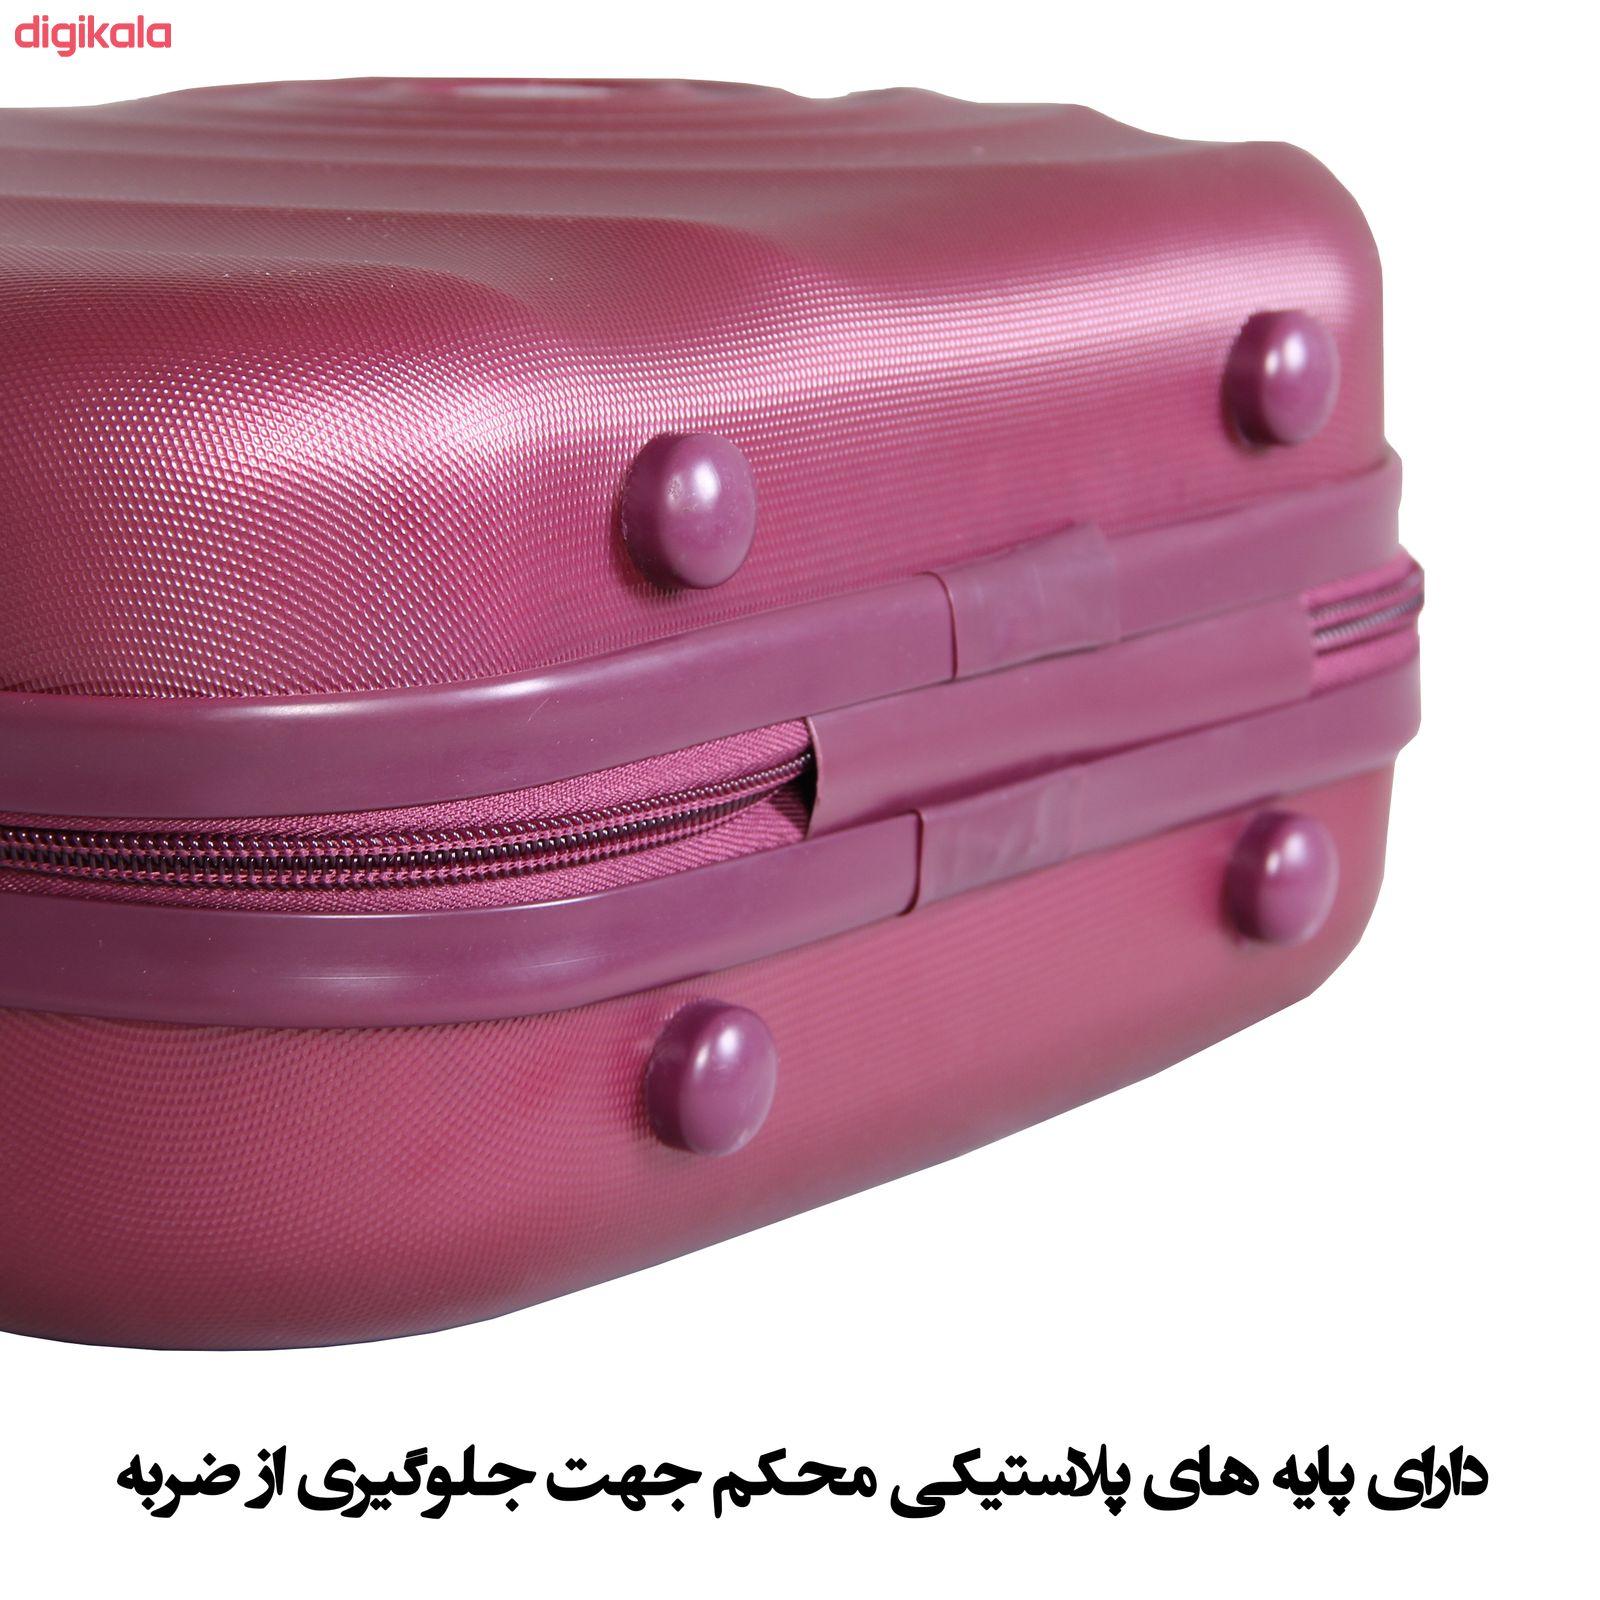 مجموعه چهار عددی چمدان مدل 319363 main 1 4